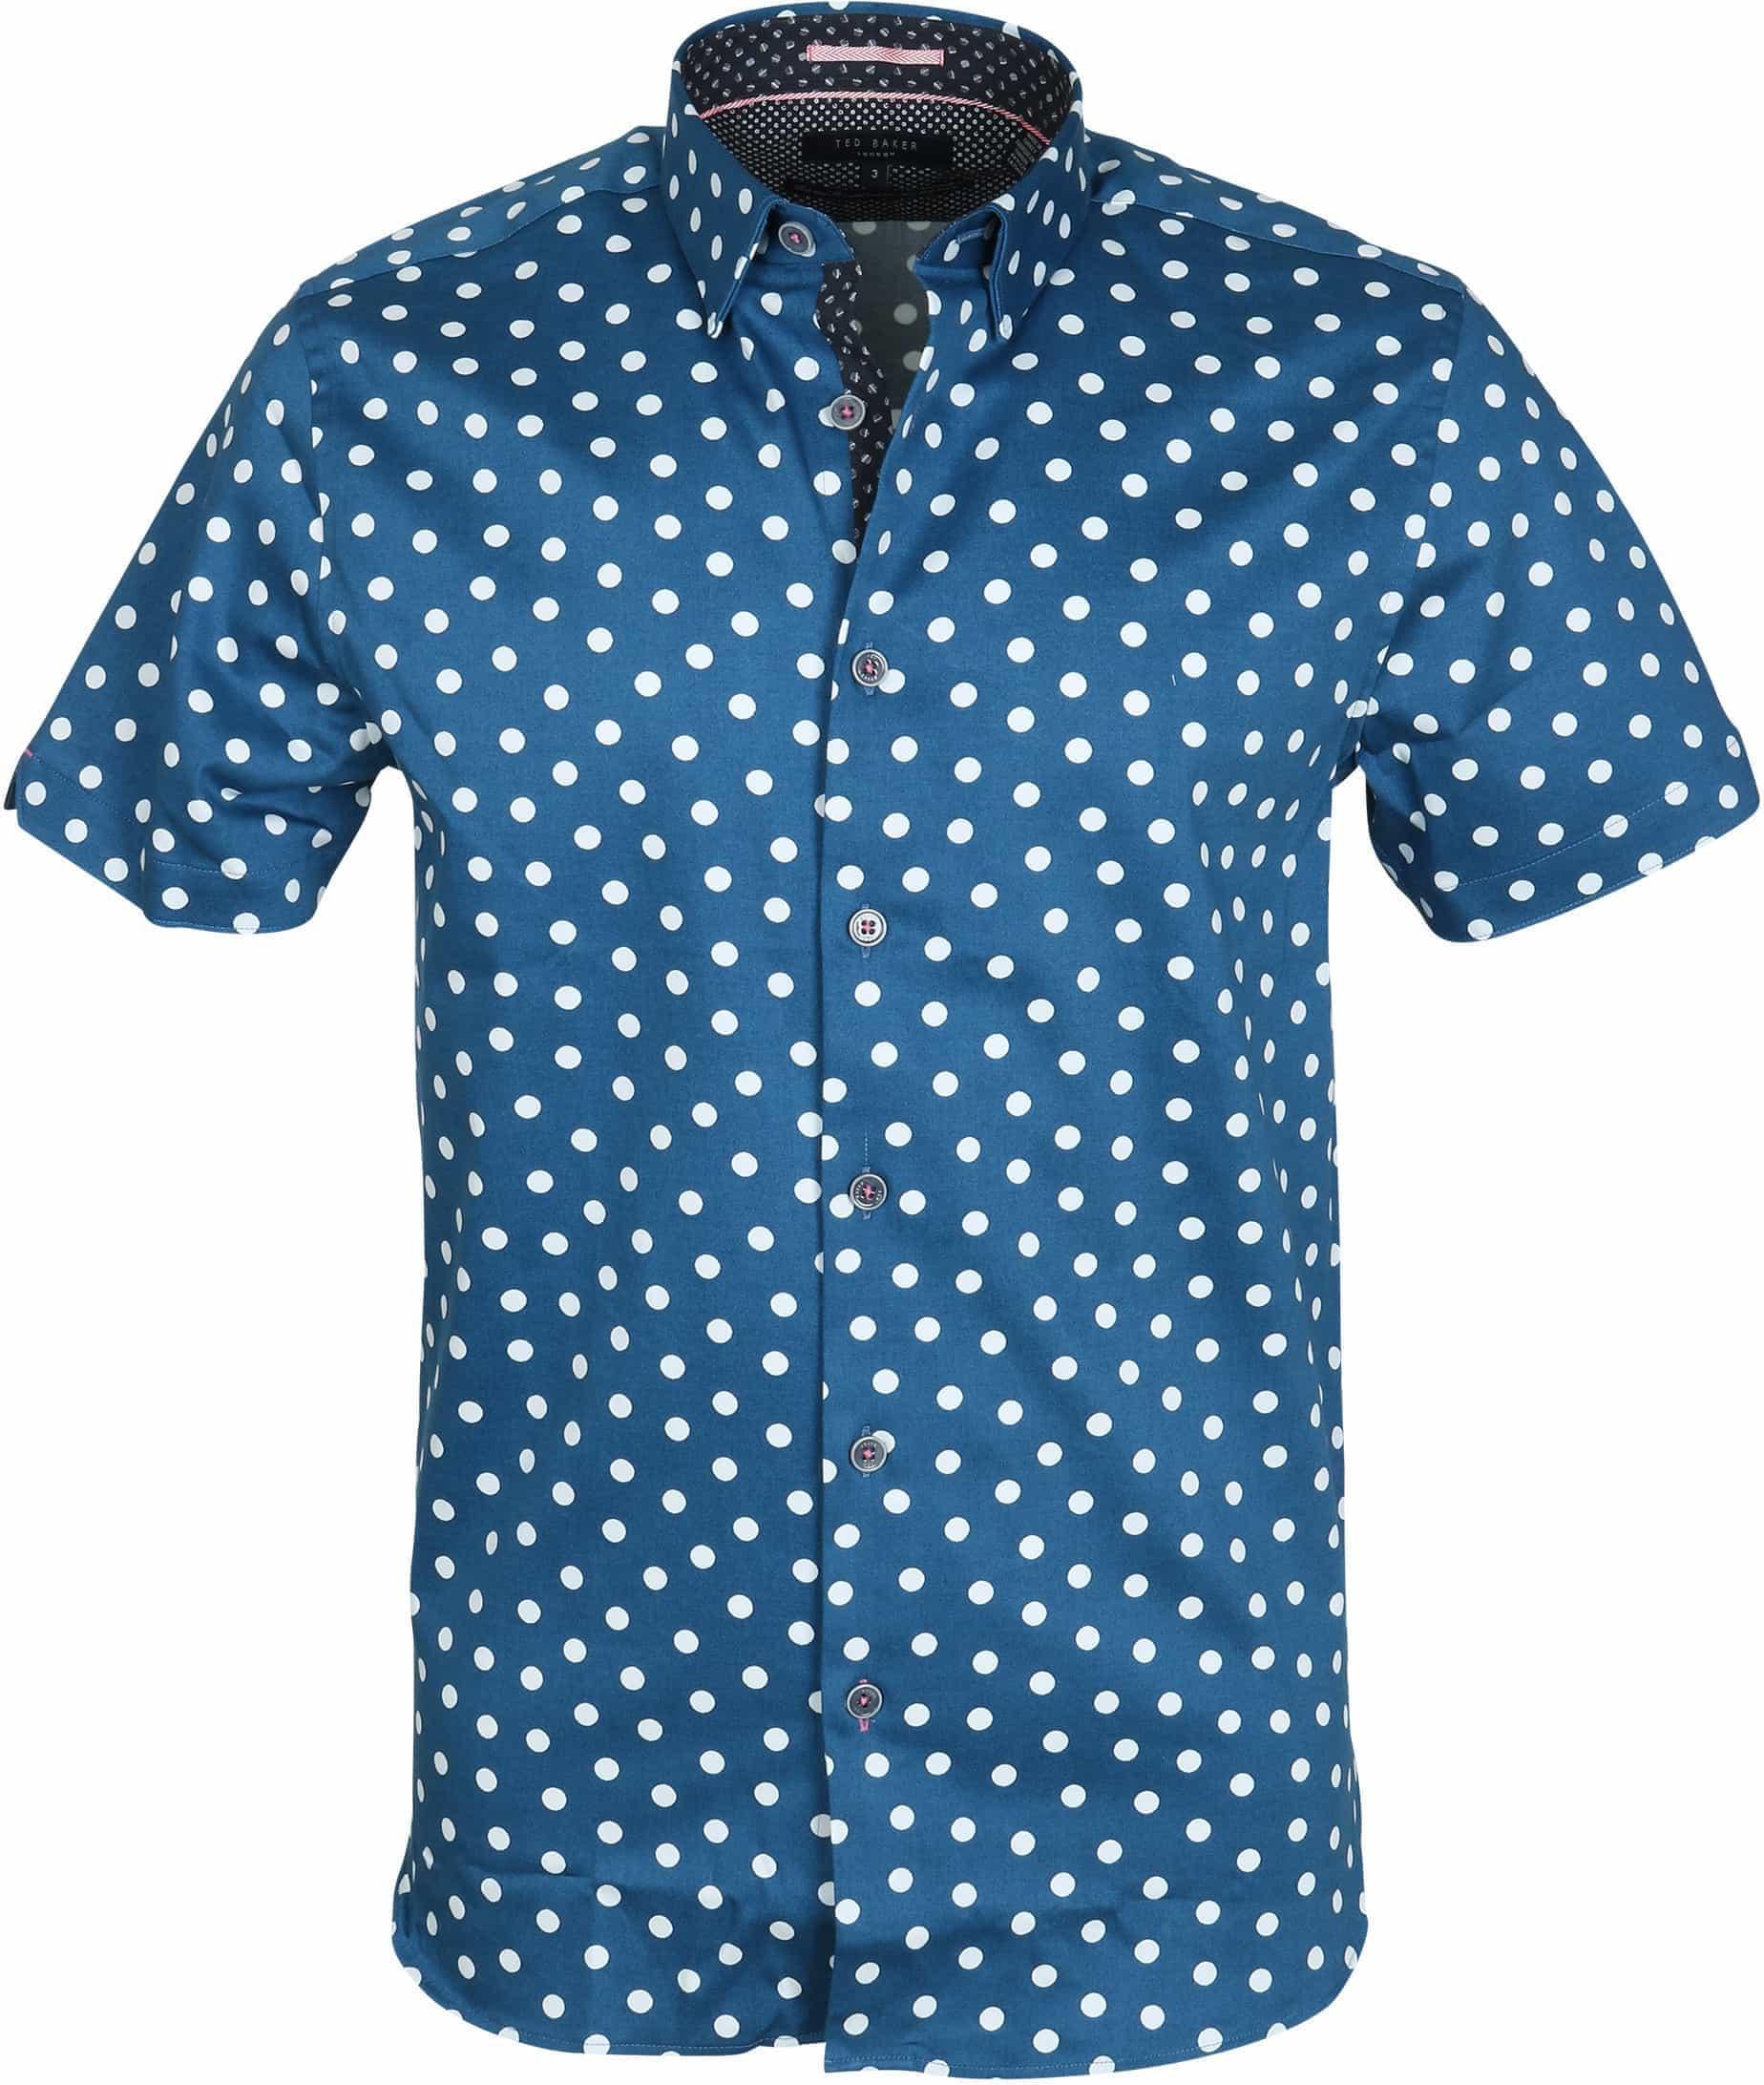 Ted Baker Overhemd Blauw Punten foto 0